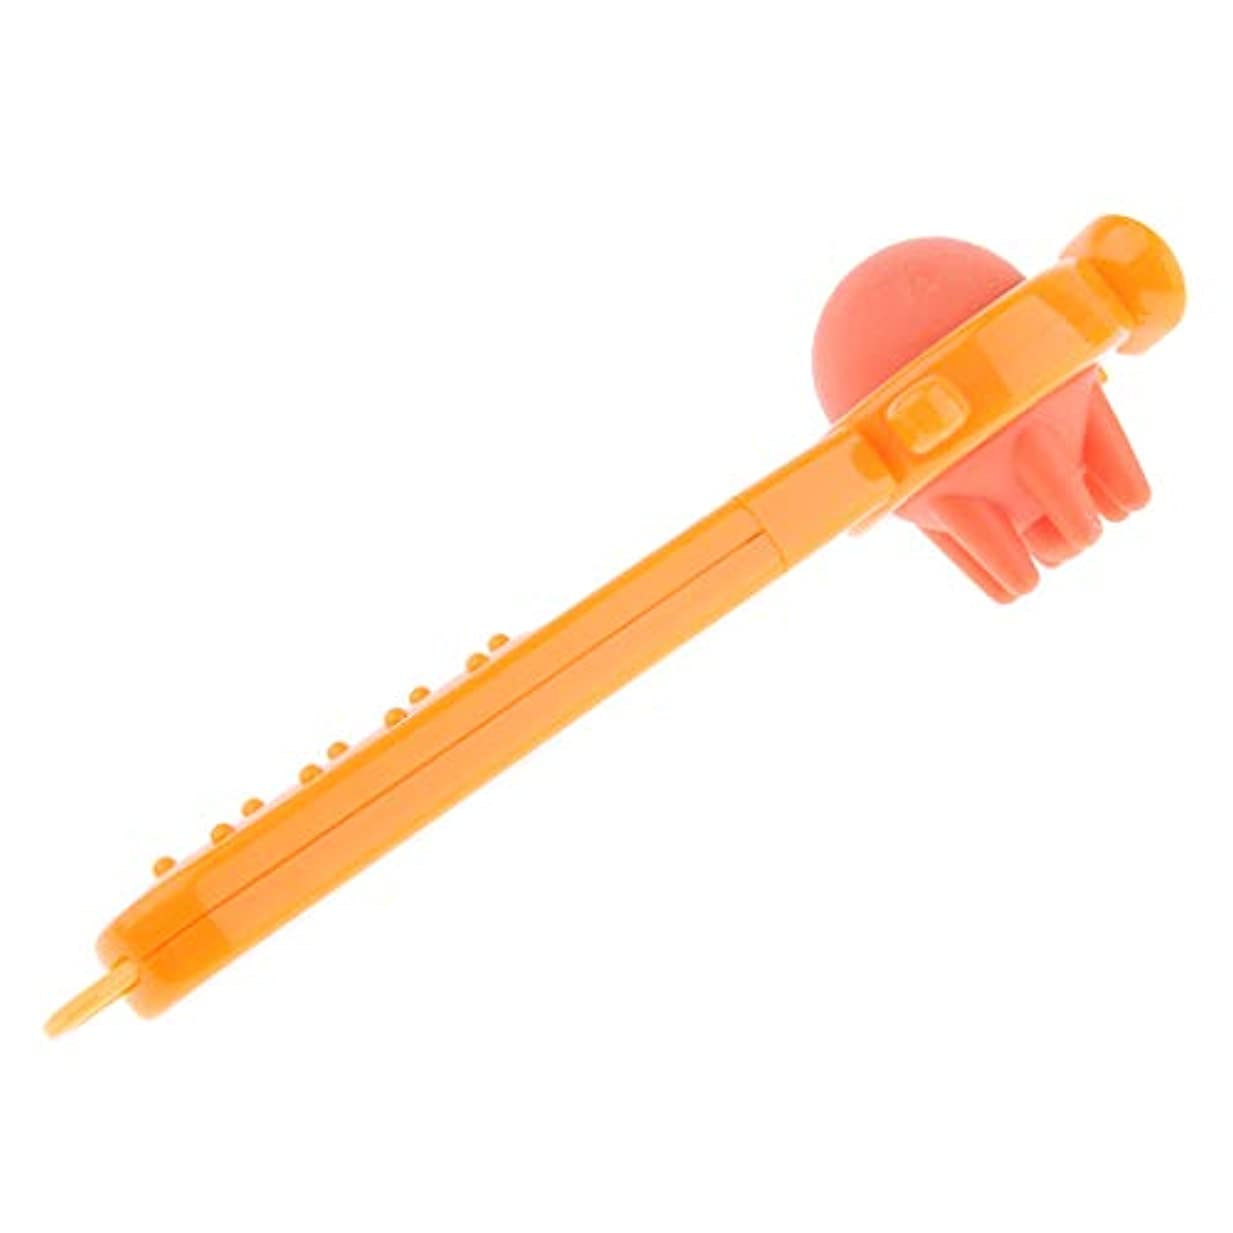 鋼記念品浸漬FLAMEER 背中/肩/脚/腕/筋肉 大人気 ツボ押しグッズ マッサージ ハンマー スティック 健康器具 オレンジ